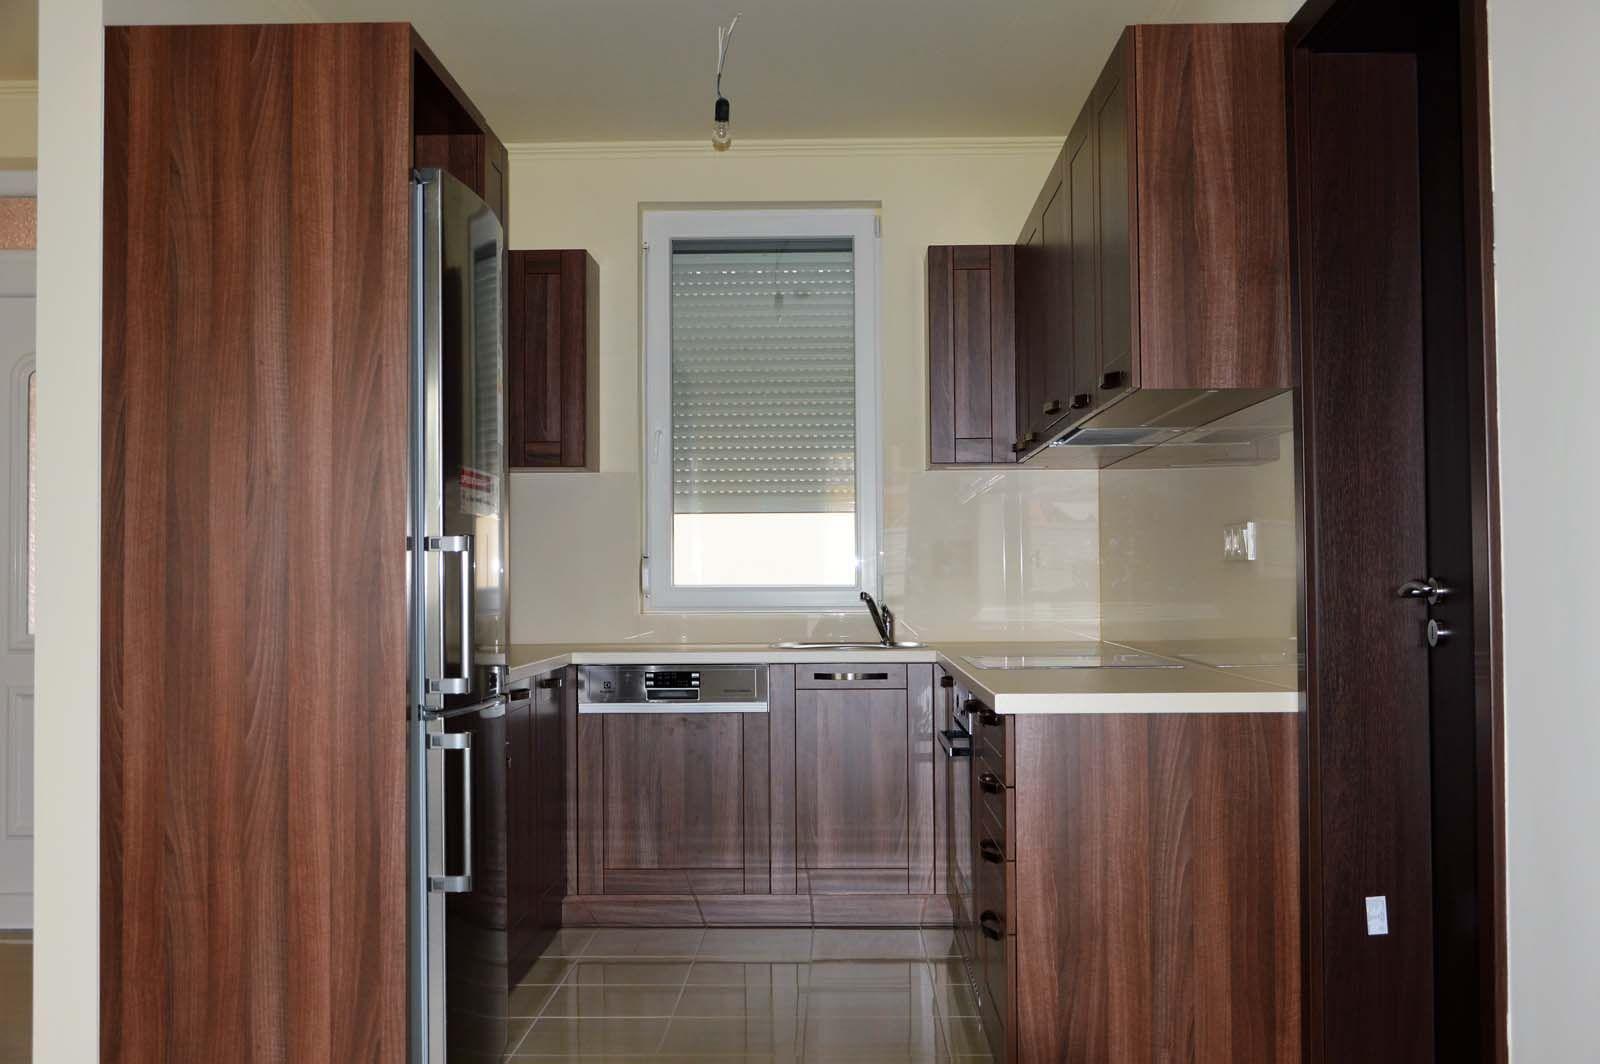 Egyedi konyhabútor készítés dió - bézs színben üveghátlappal